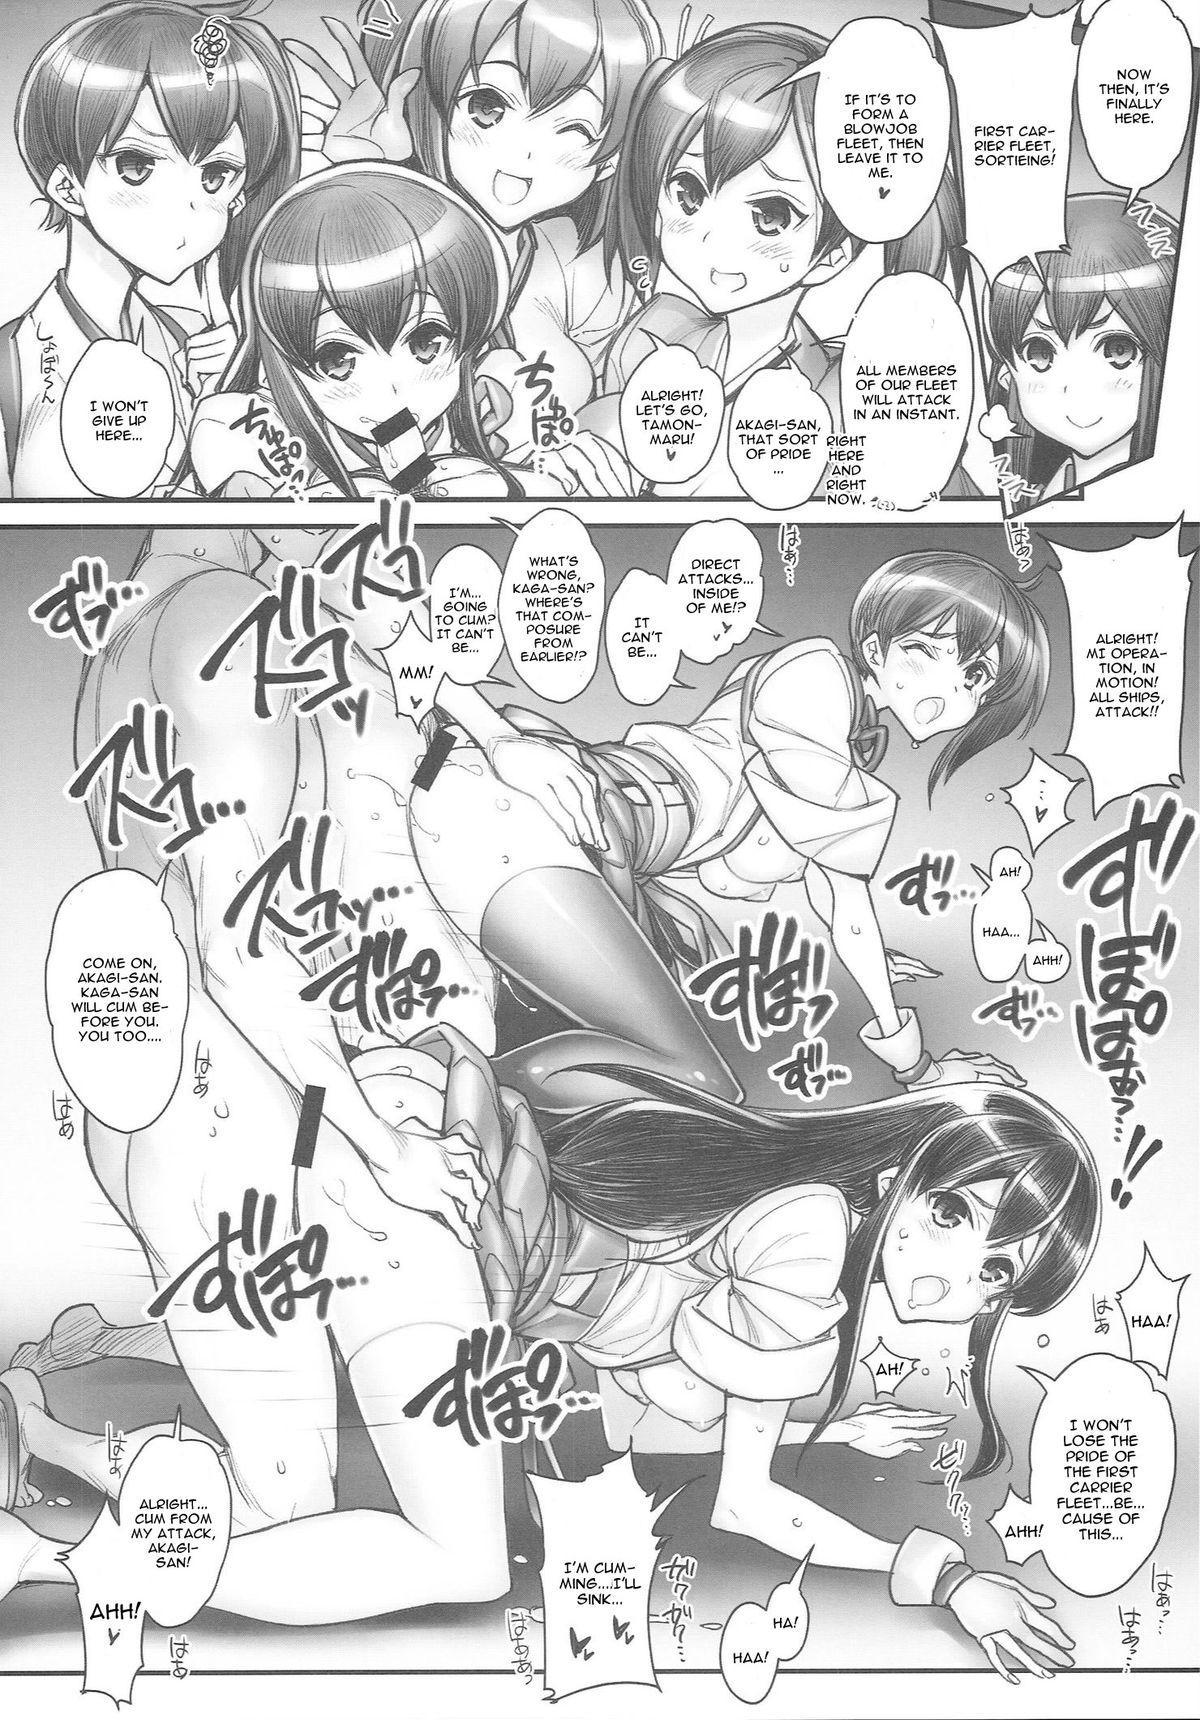 (CT25) [Kashiwa-ya (Hiyo Hiyo)] KanColle -SEX FLEET COLLECTION- Kan-musu Catalog (Kantai Collection -KanColle-) [English] [CGRascal] 54